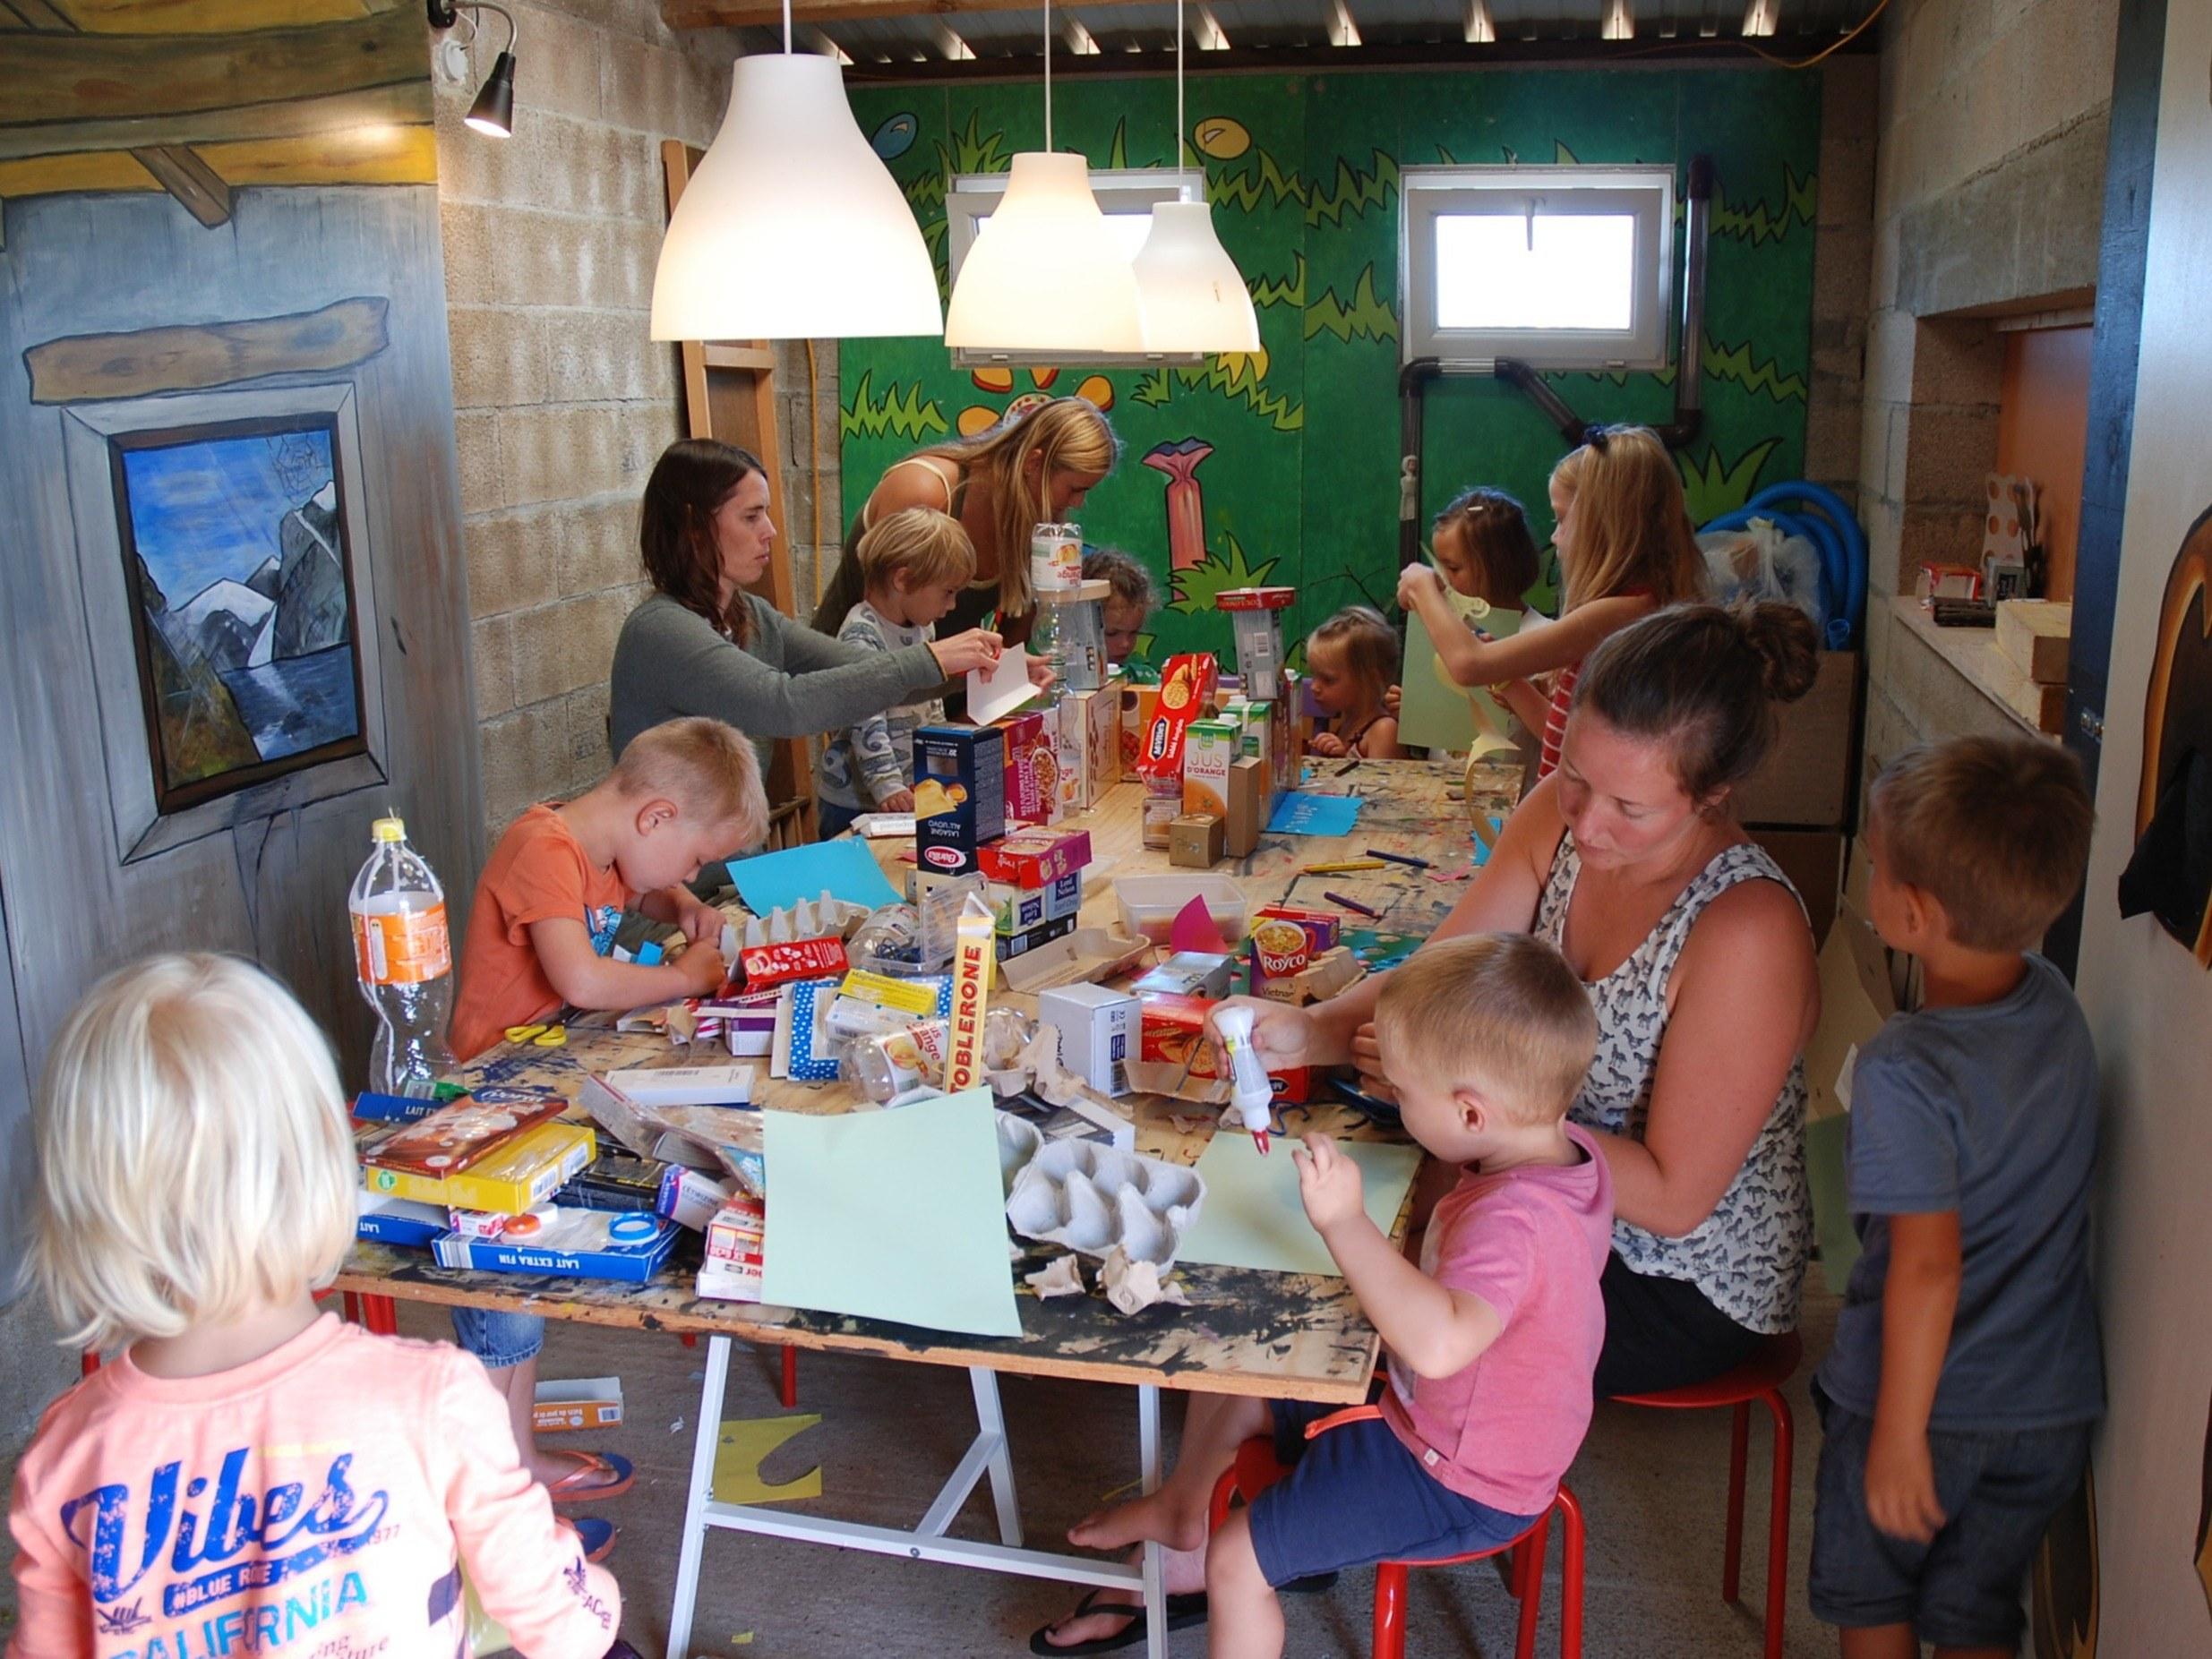 bricoler dans l'atelier enfant